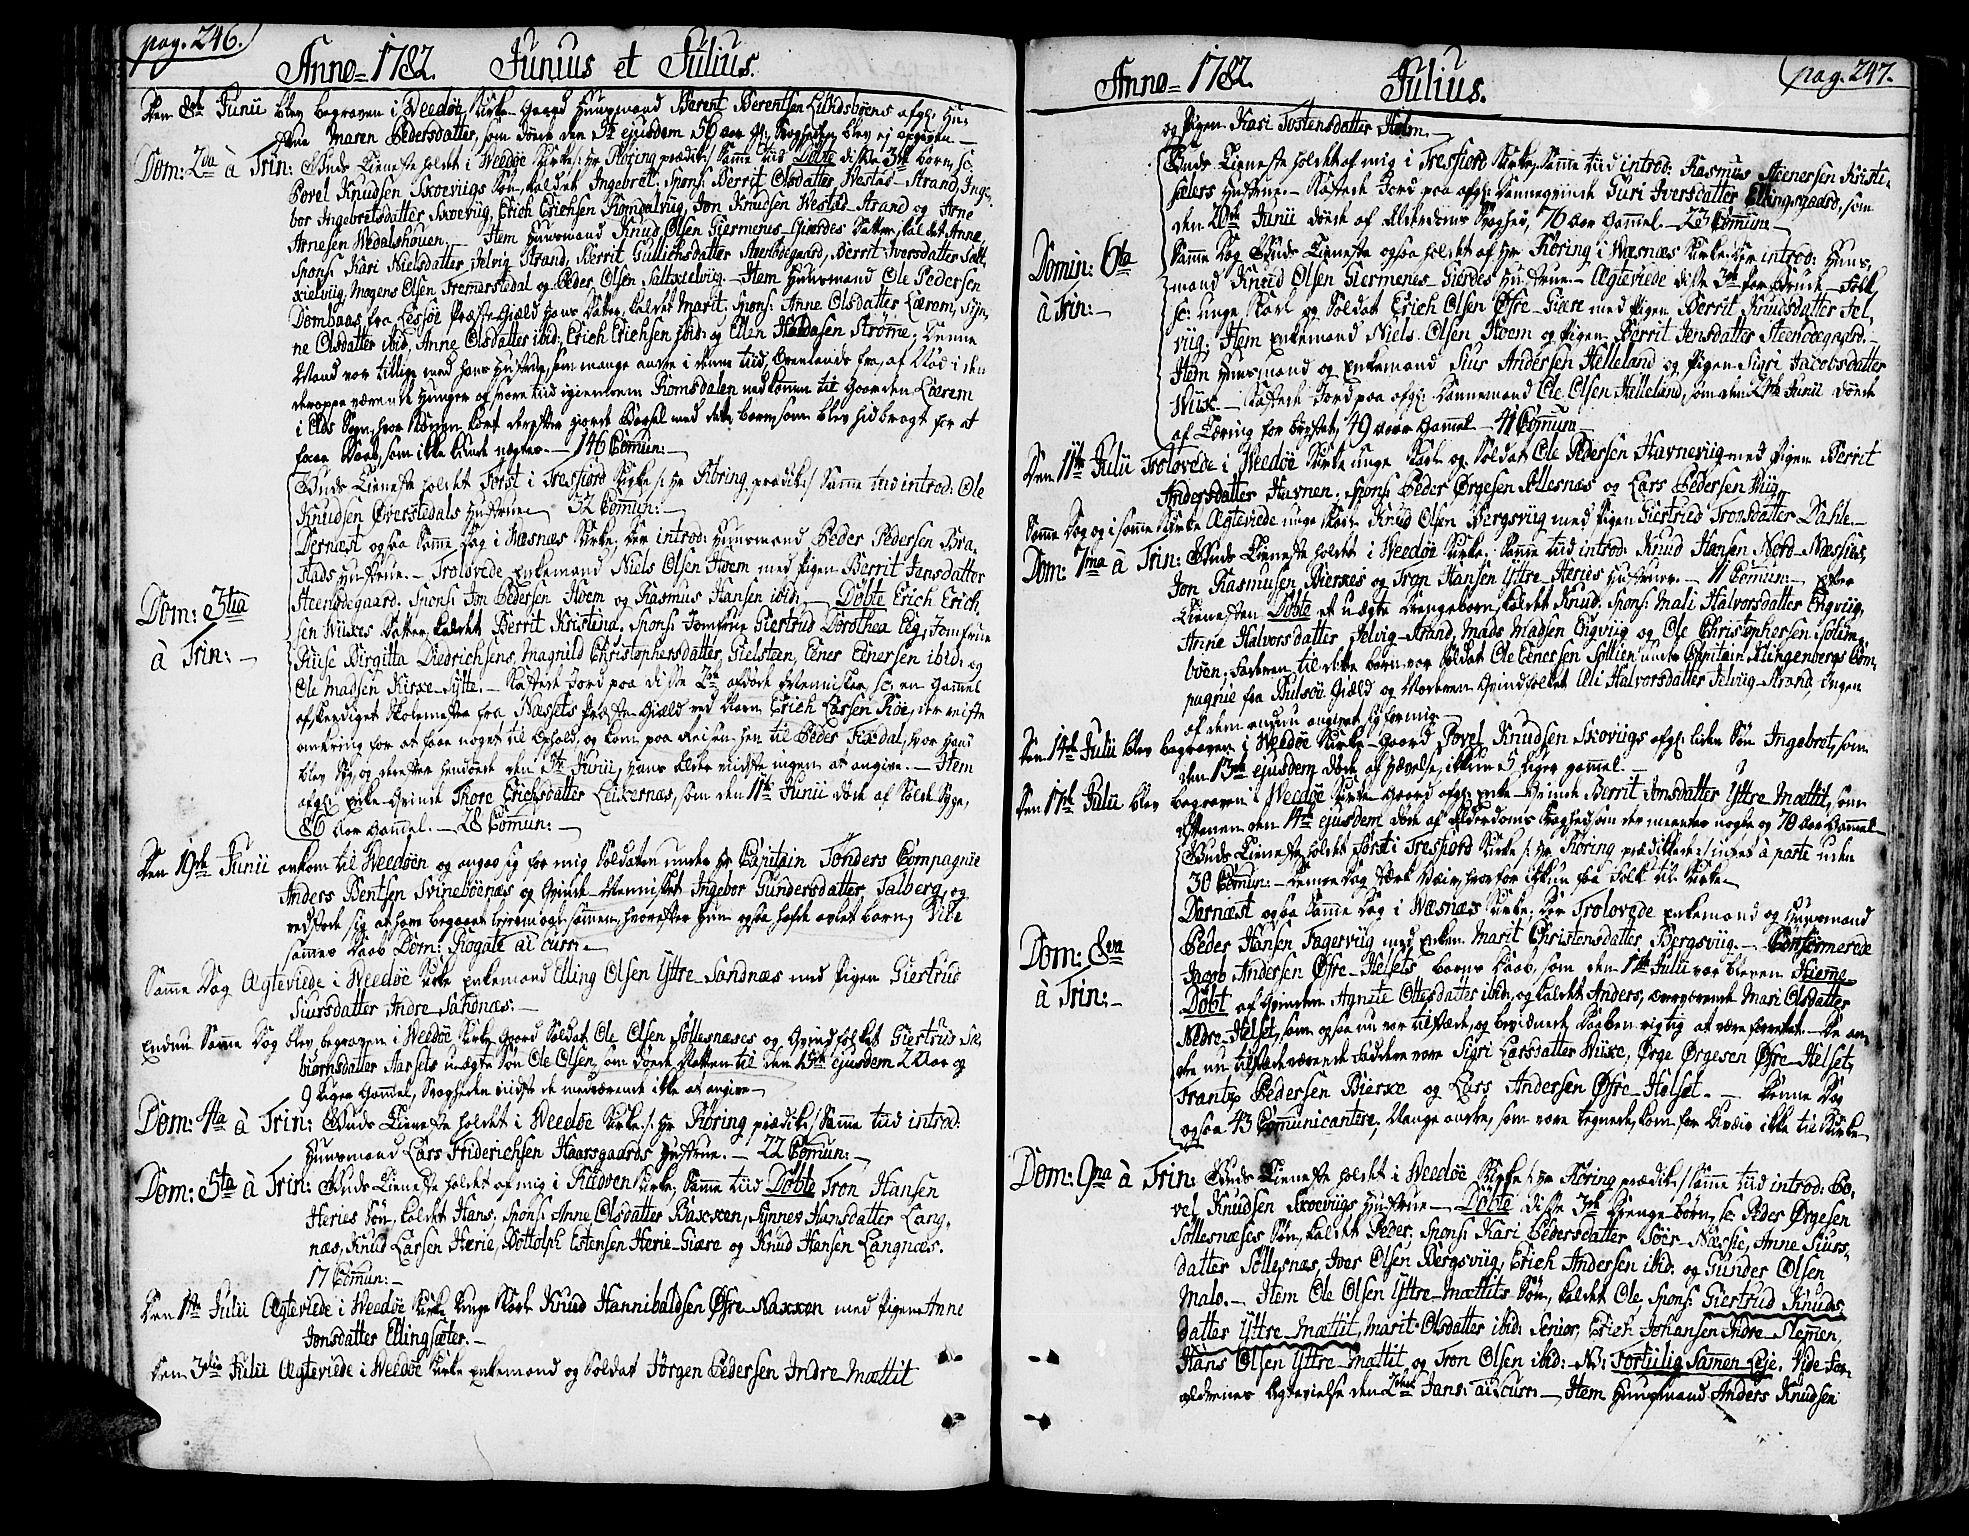 SAT, Ministerialprotokoller, klokkerbøker og fødselsregistre - Møre og Romsdal, 547/L0600: Ministerialbok nr. 547A02, 1765-1799, s. 246-247